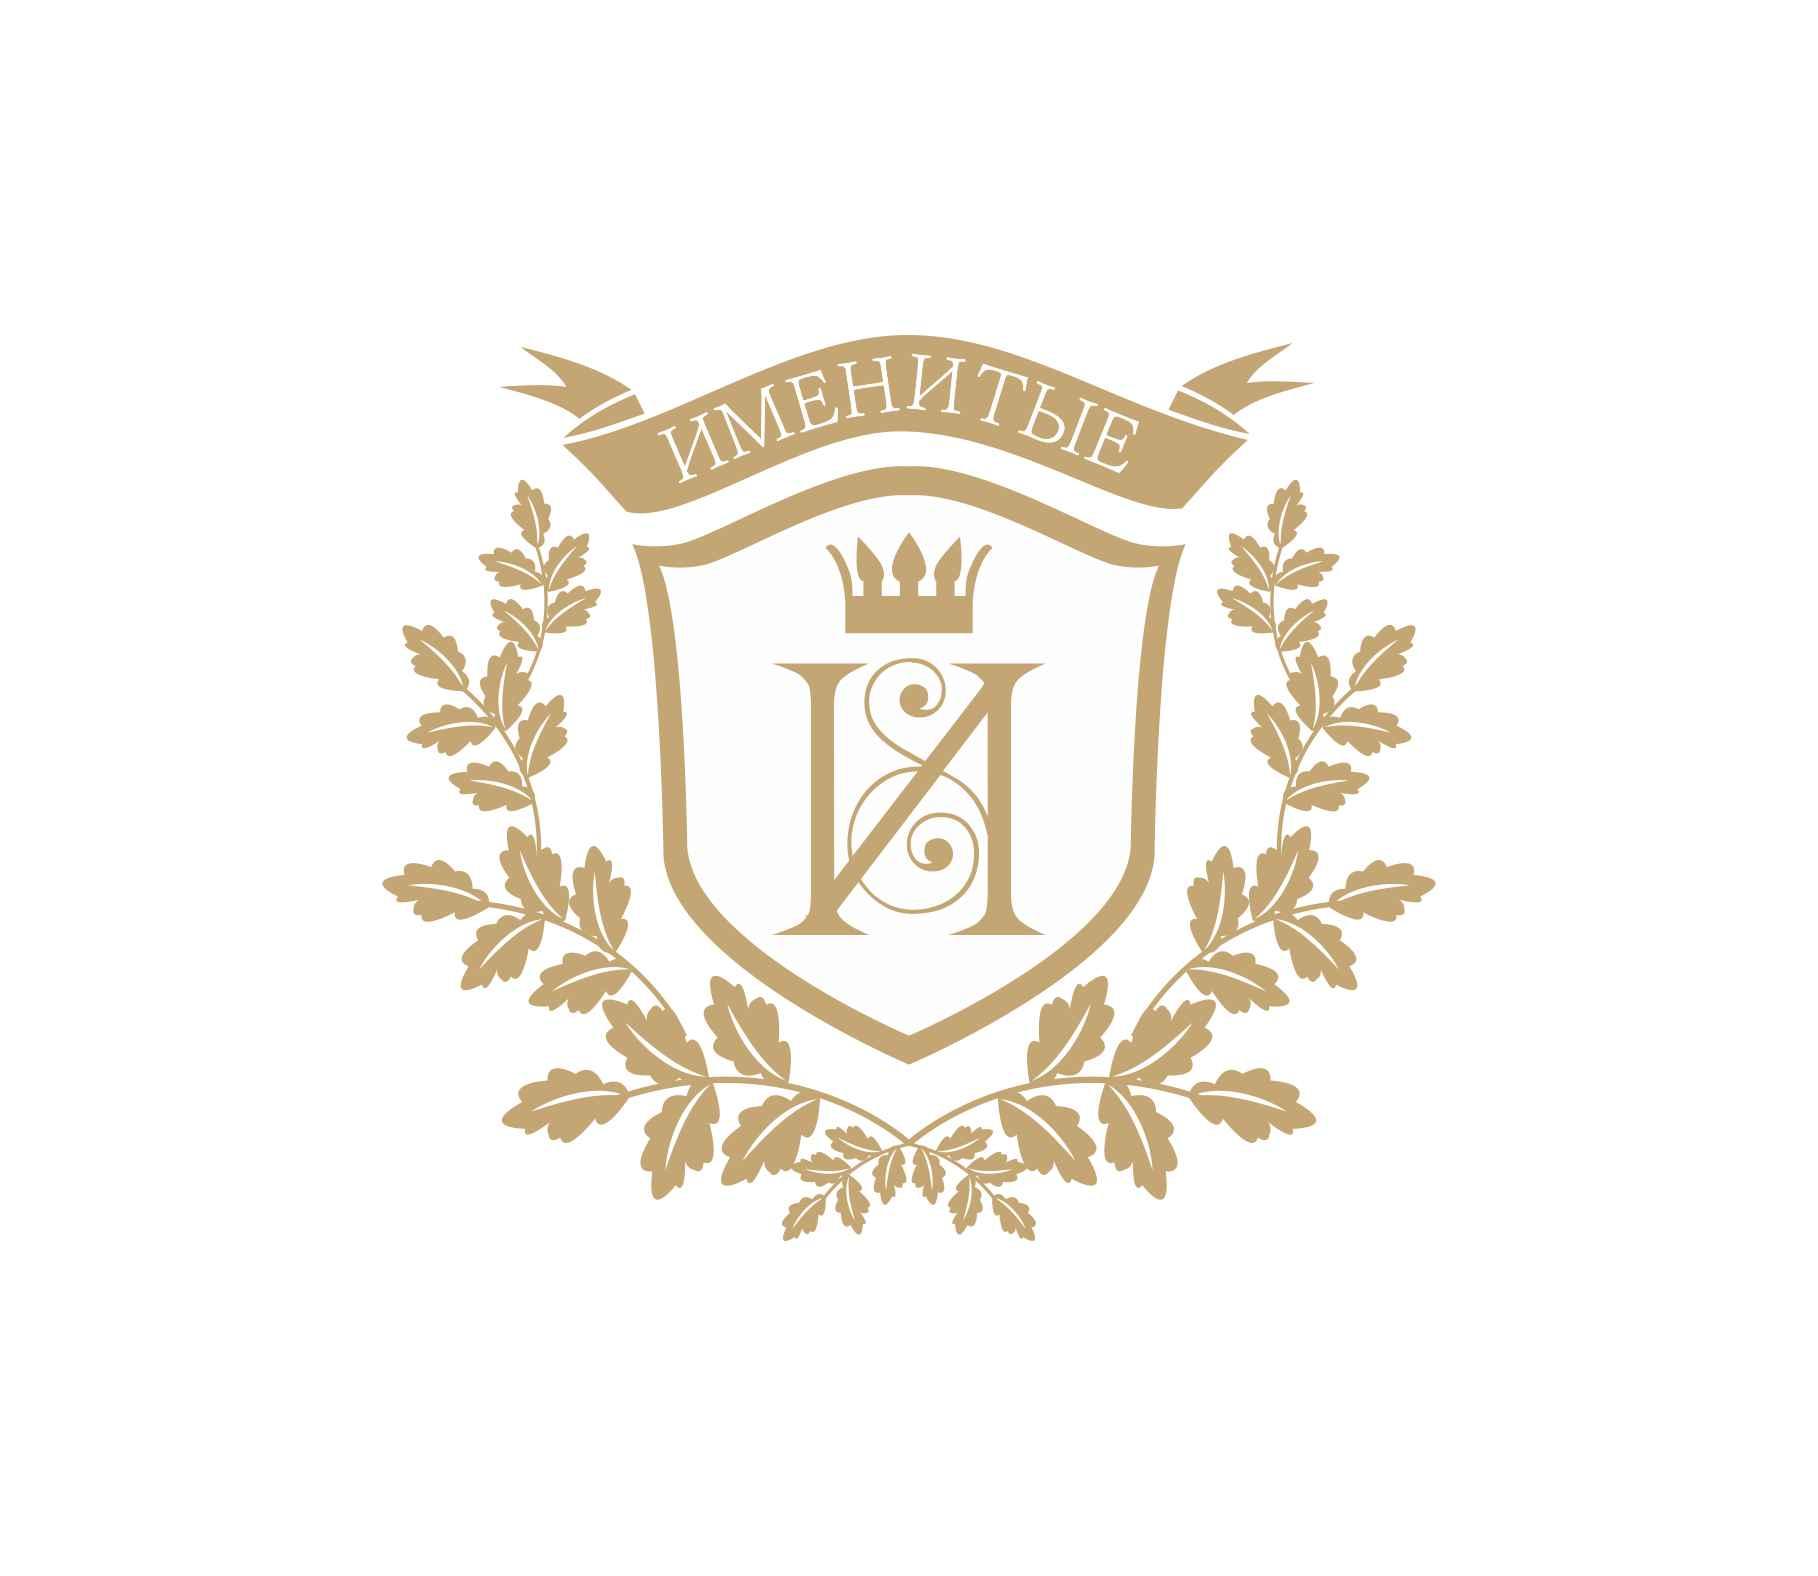 Логотип и фирменный стиль продуктов питания фото f_7995bc2029ce0c77.jpg